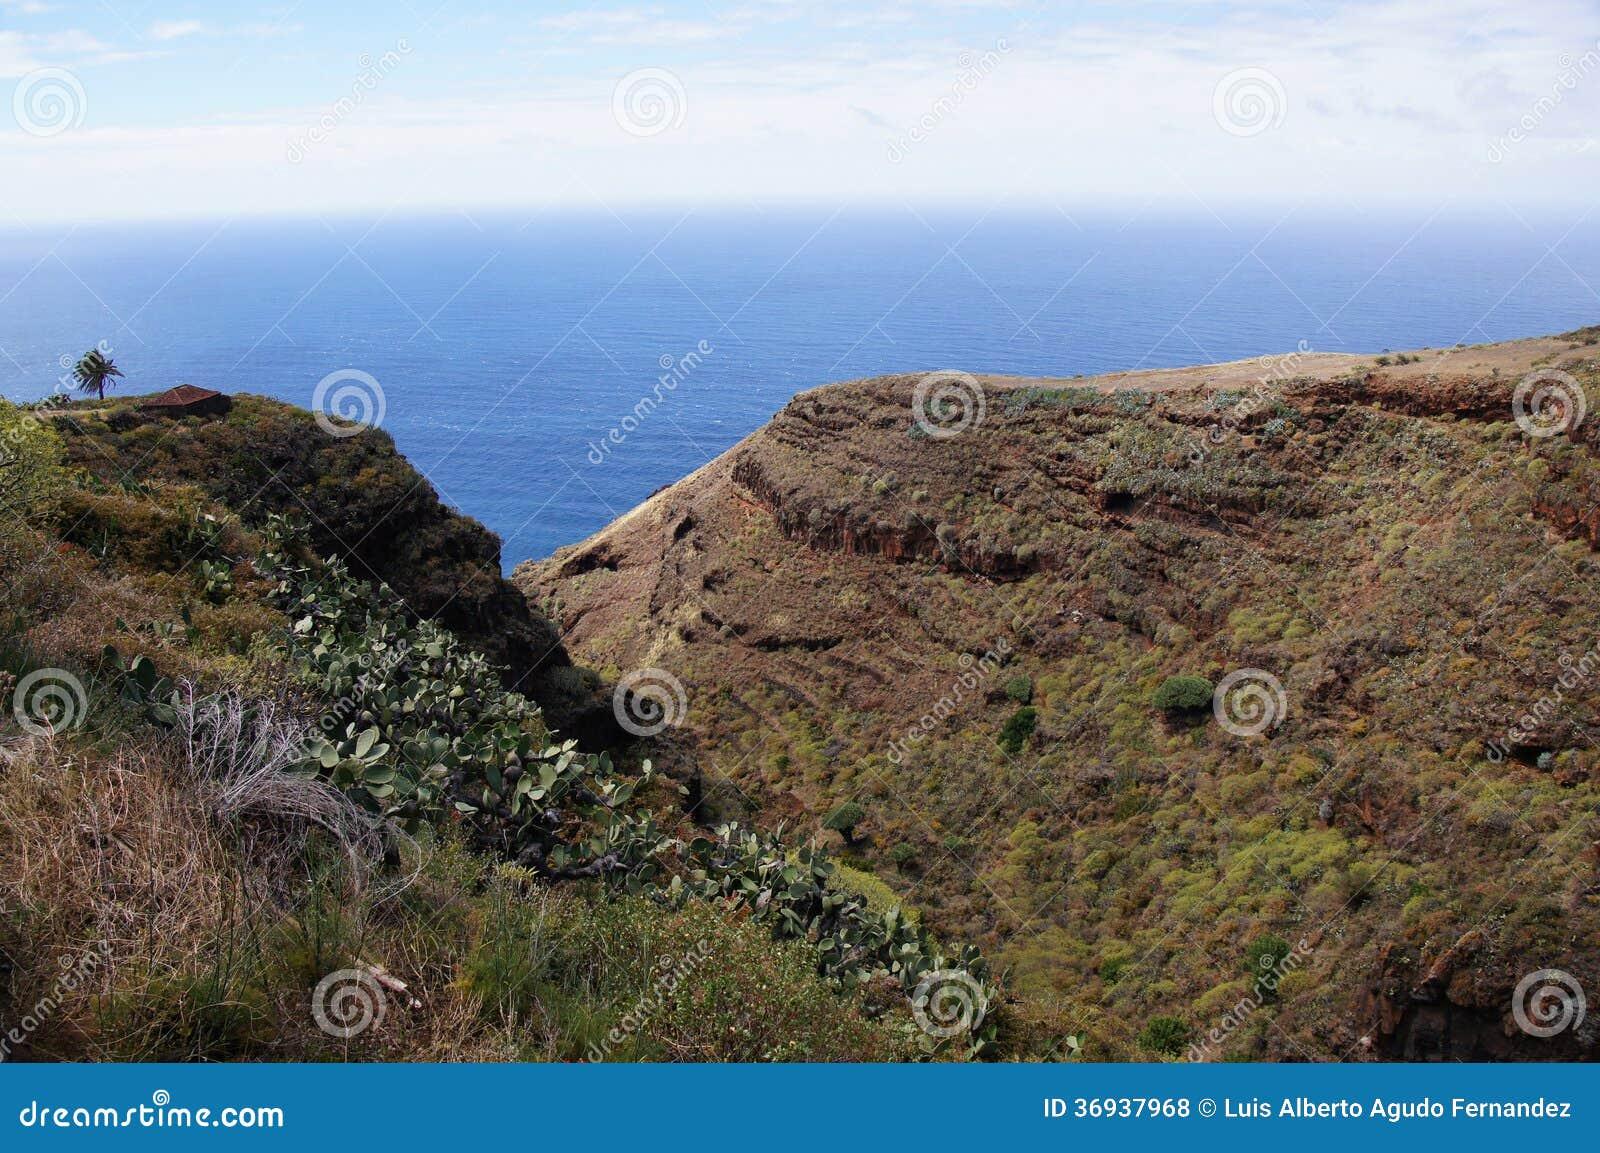 La Palma. Valle al lado del mar